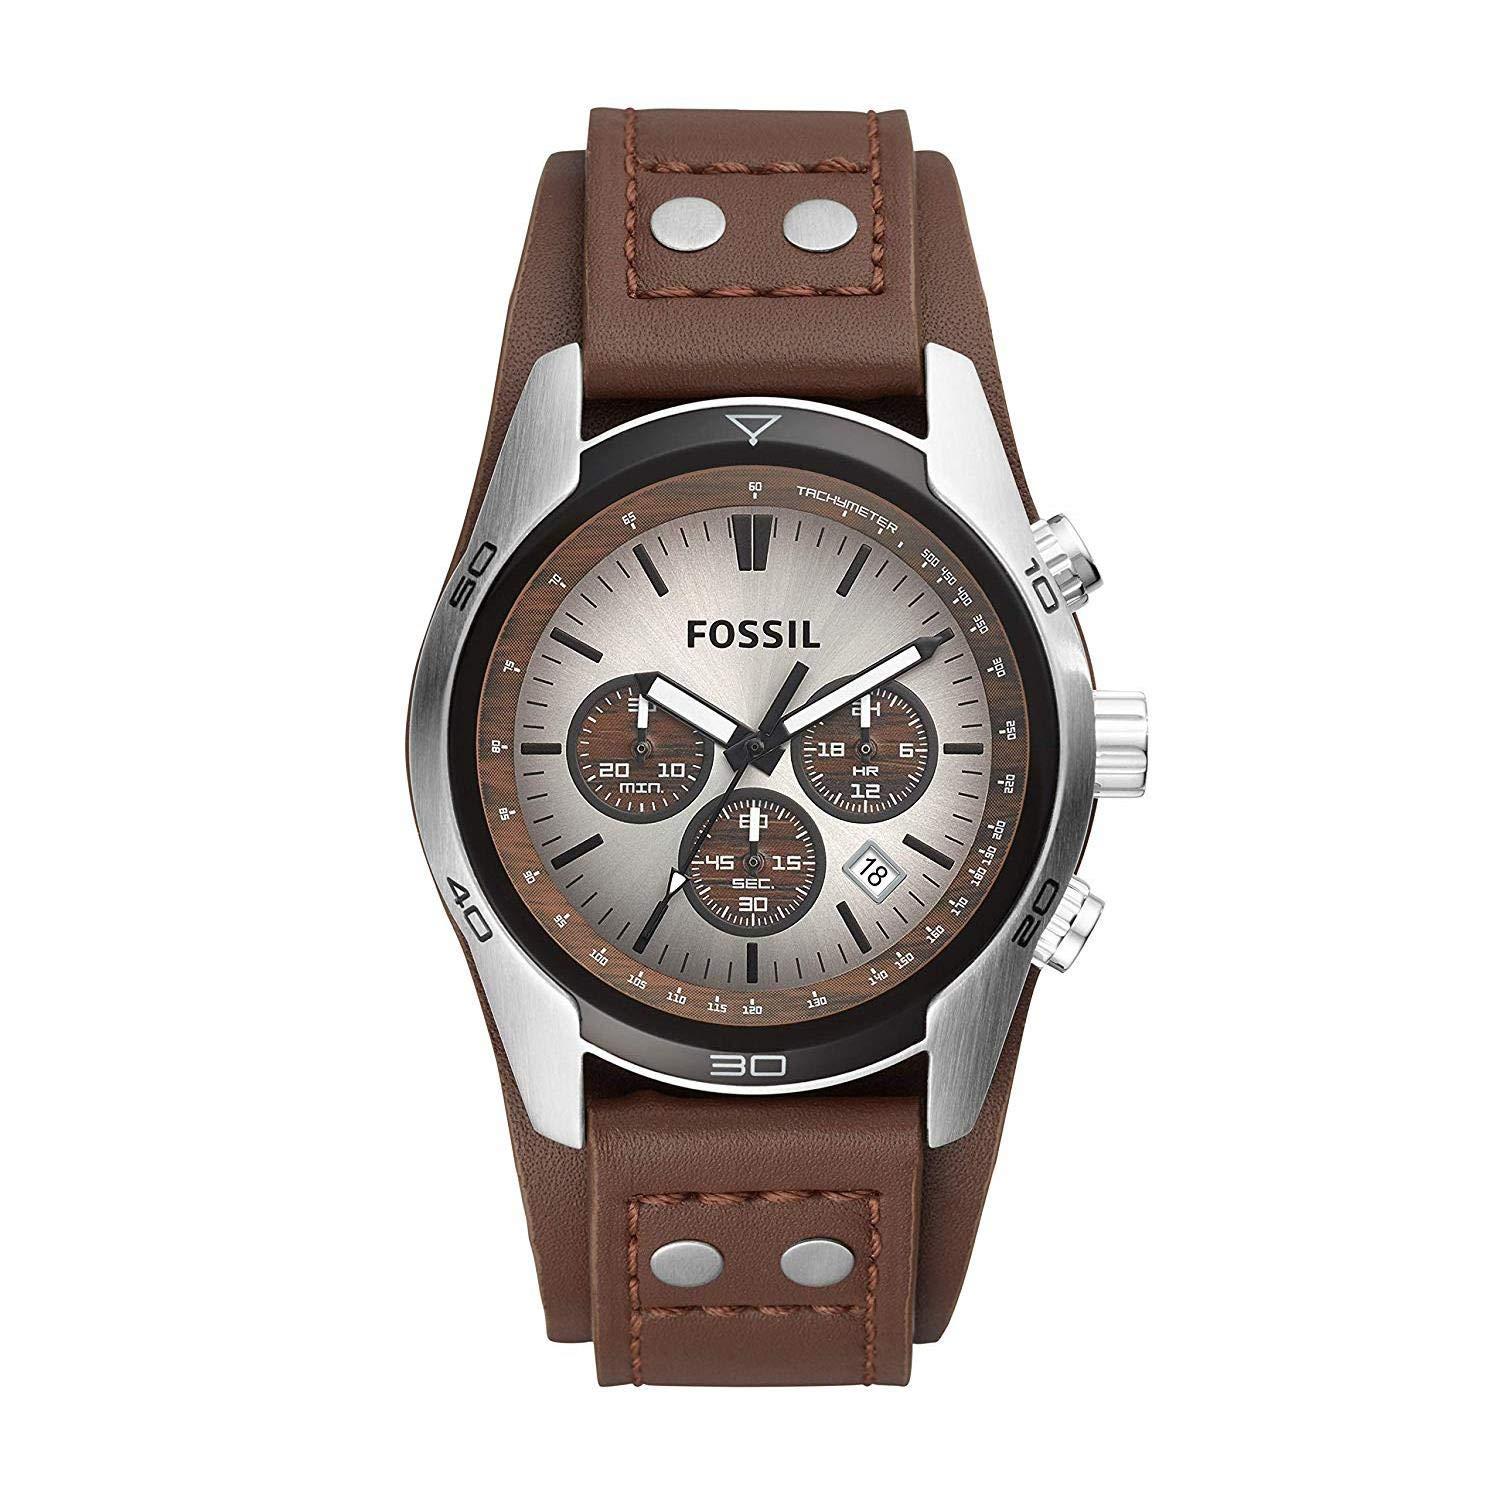 98477b56d5a0 Fossil correa de reloj CH-2565 Piel Marrón oscuro 22mm(Sólo reloj correa -  RELOJ NO INCLUIDO!)  Amazon.es  Relojes